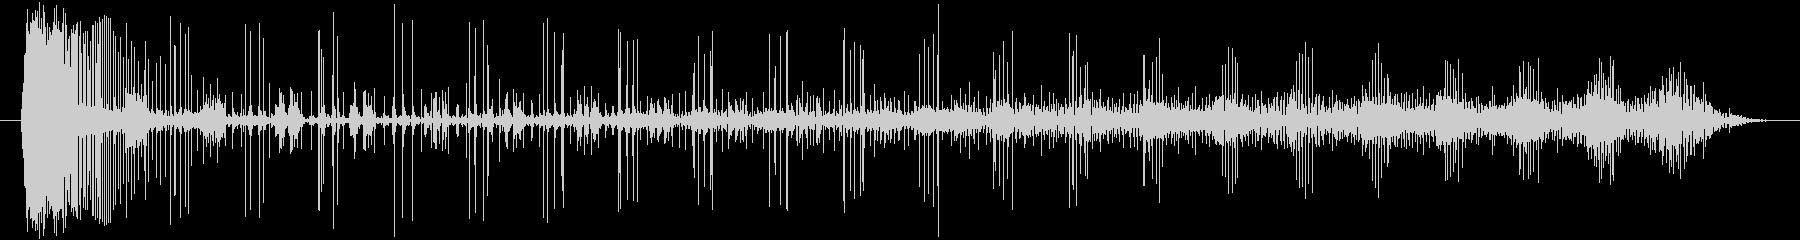 ノイズ 途切れるノイズのうねり03の未再生の波形